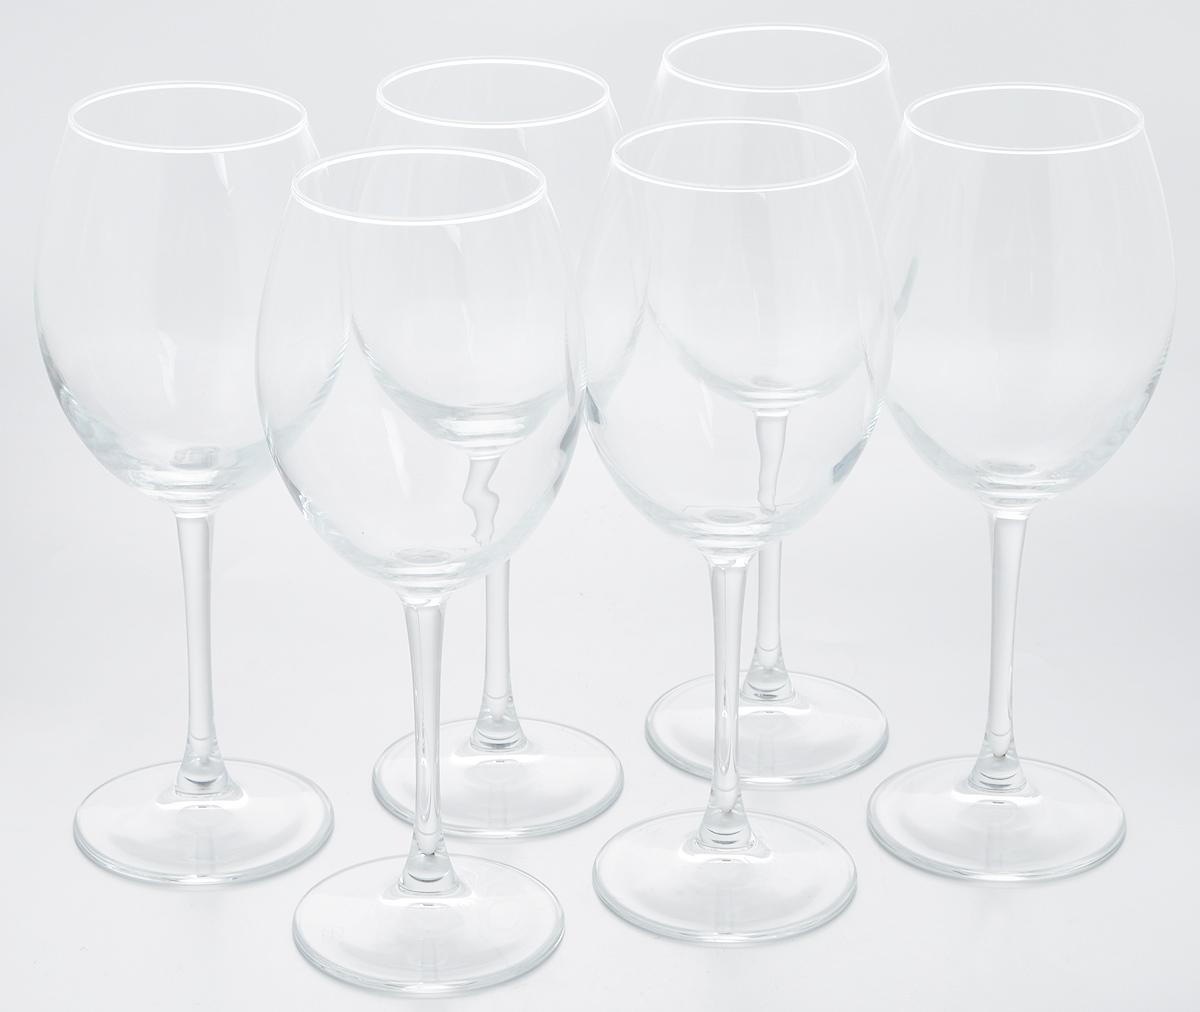 Набор бокалов для красного вина Pasabahce Enoteca, 550 мл, 6 шт бокал для вина pasabahce enoteca 750 мл